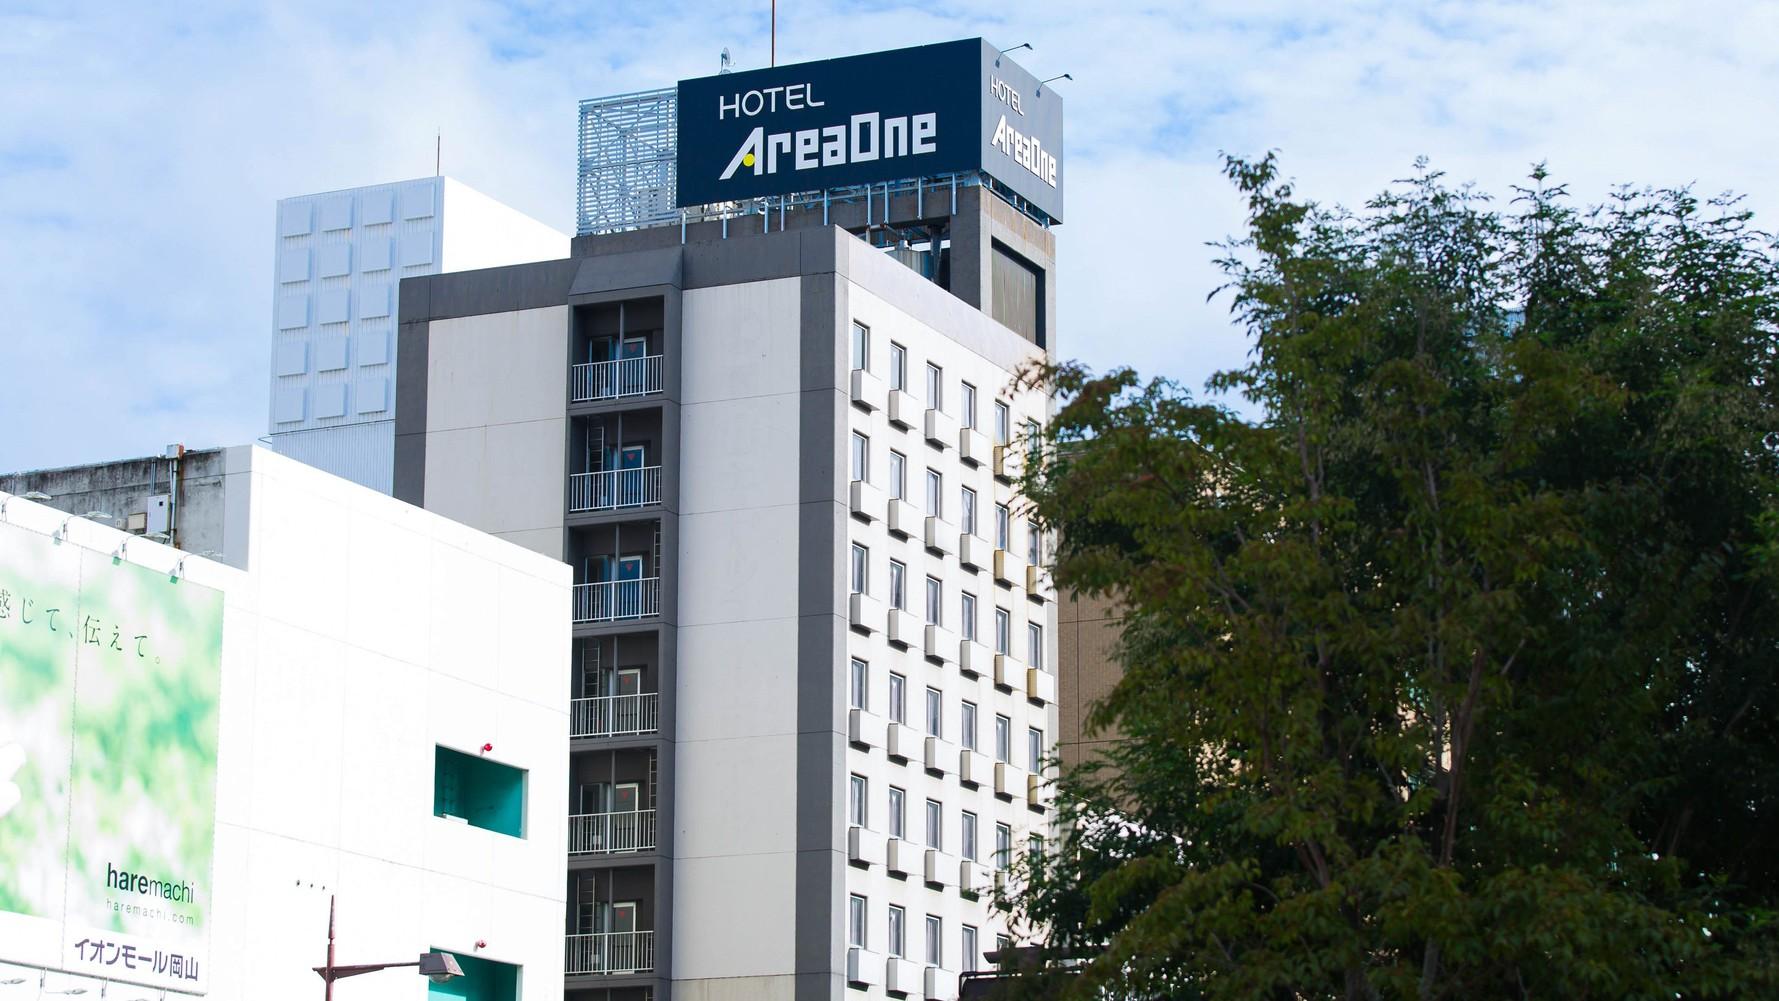 ホテルエリアワン岡山(HOTEL Areaone) image